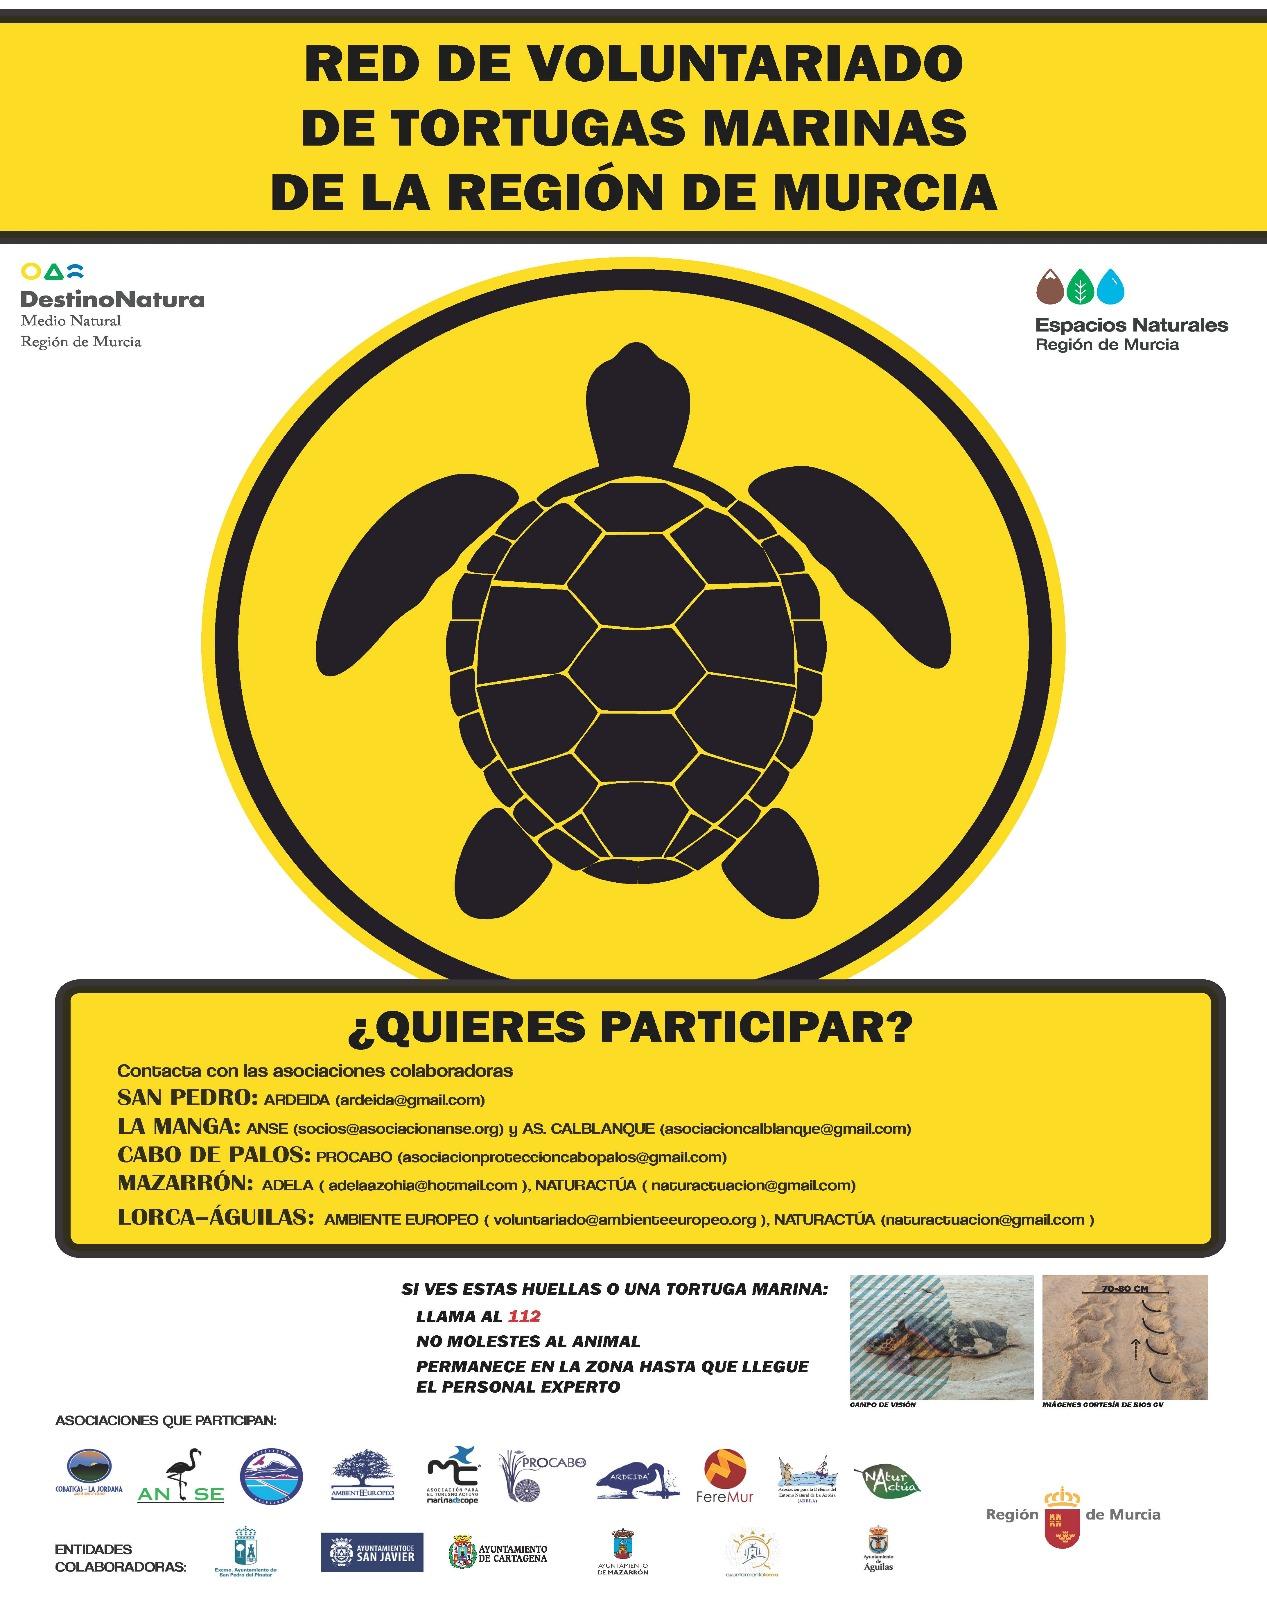 Red de Voluntariado de Tortugas Marinas de la Región Murcia, con la CARM